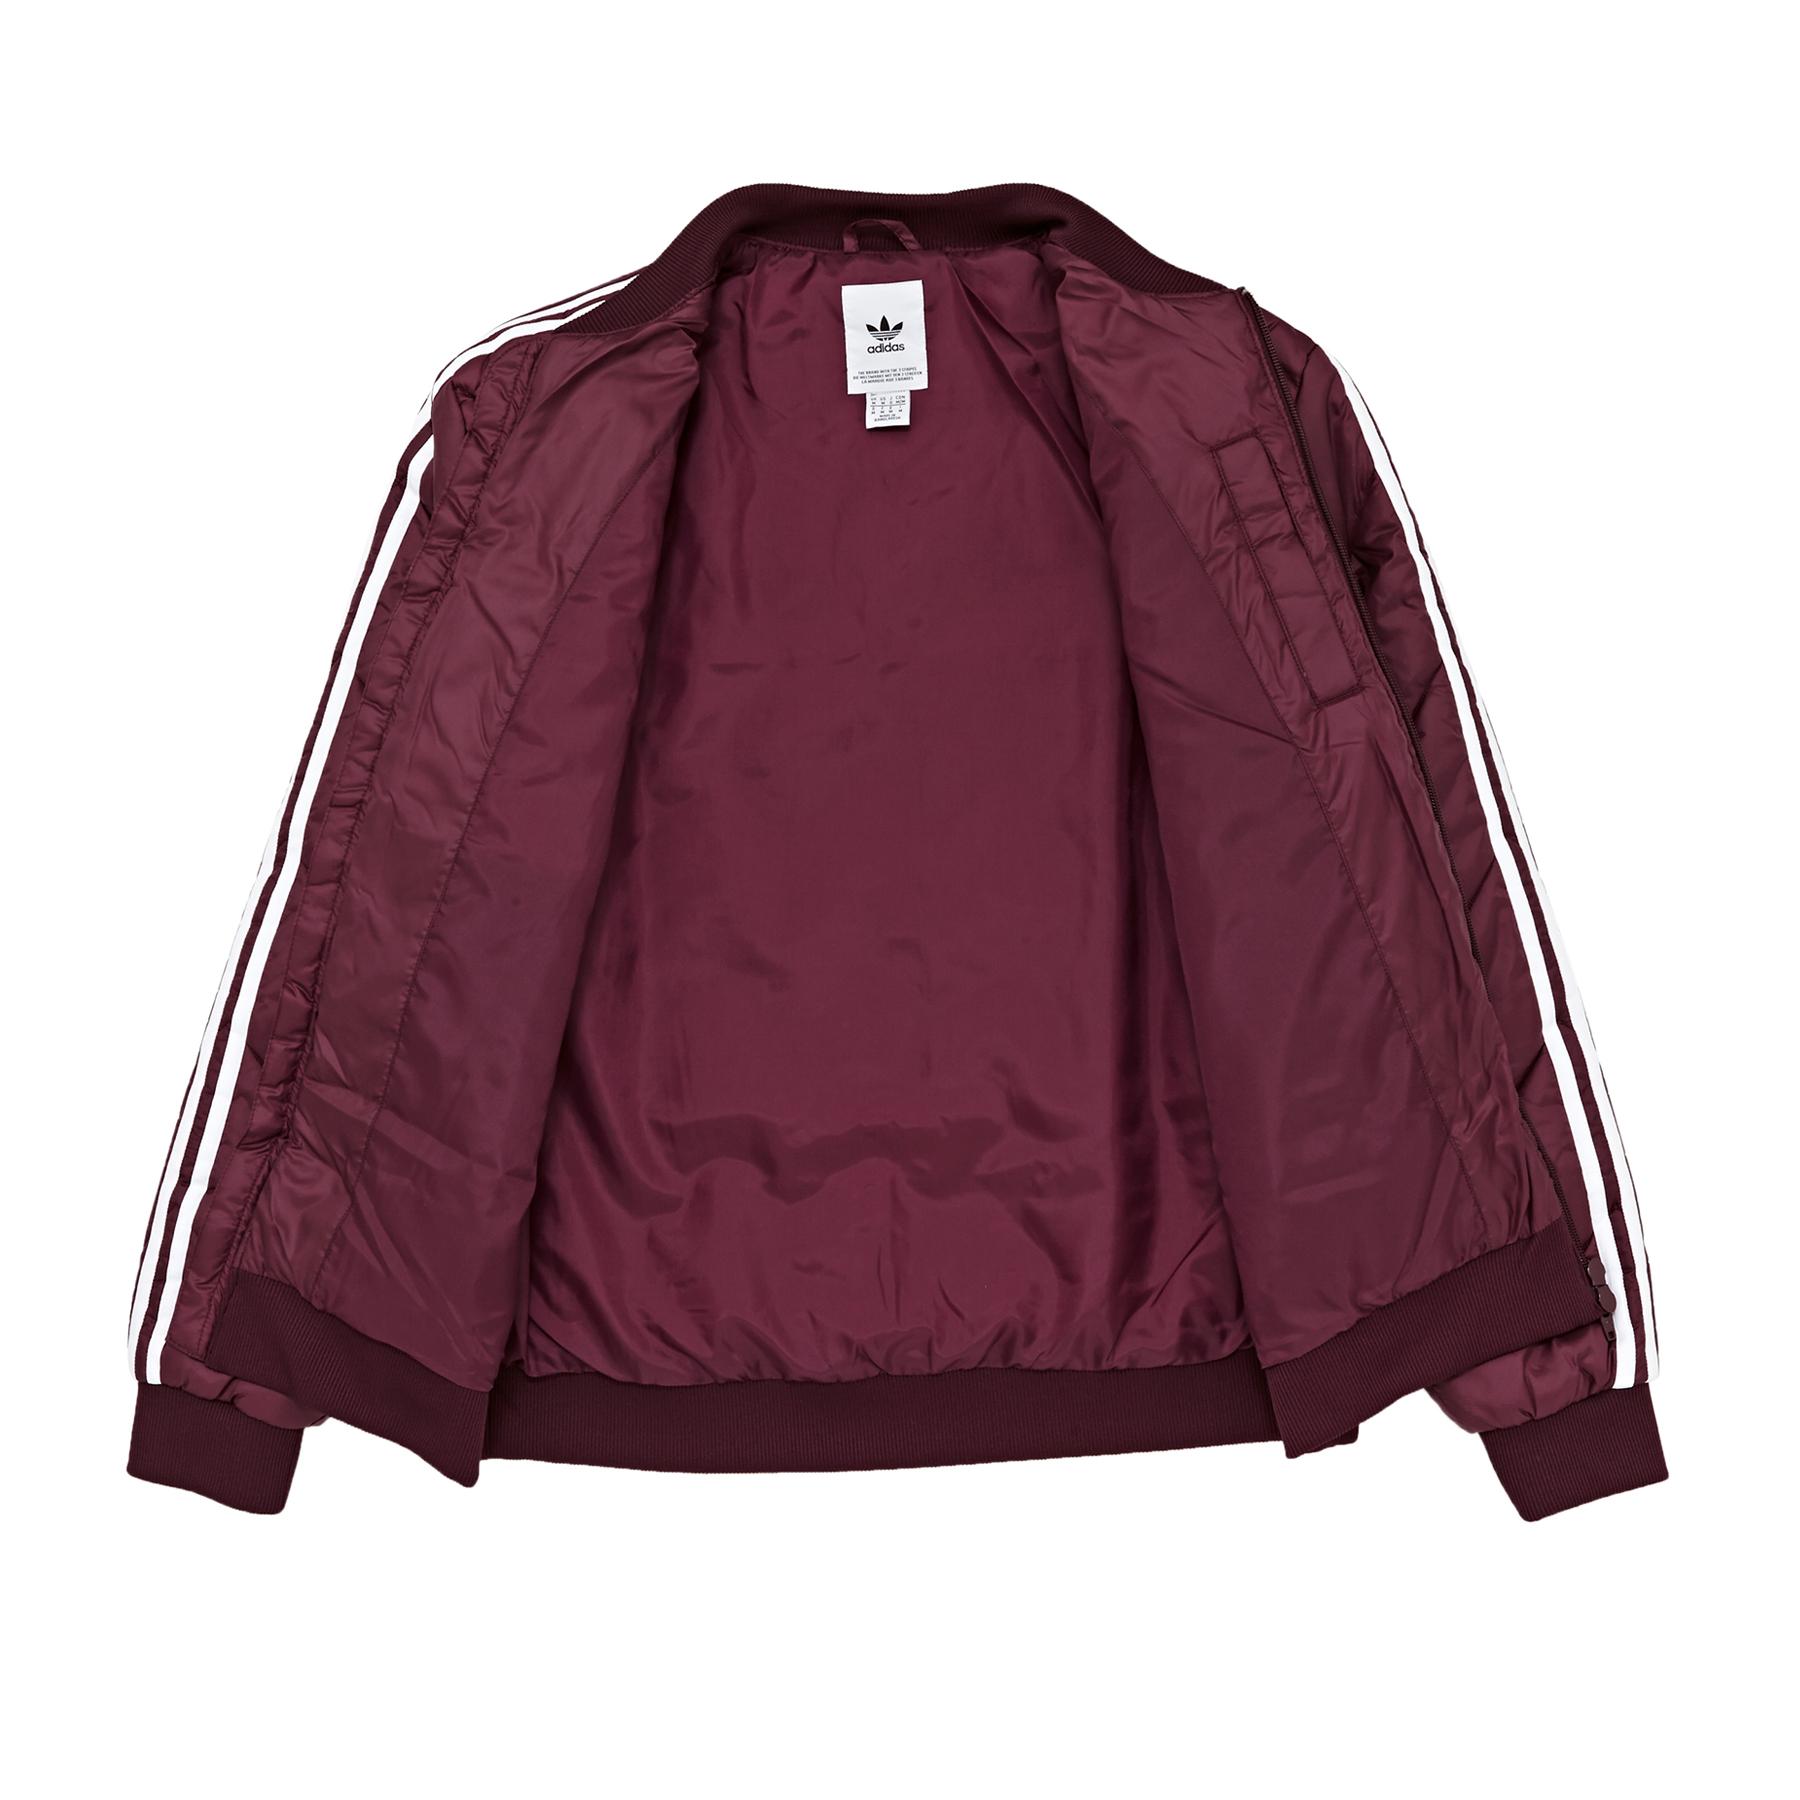 Blusão Adidas Originals Sst Quilted Envio Grátis* com as